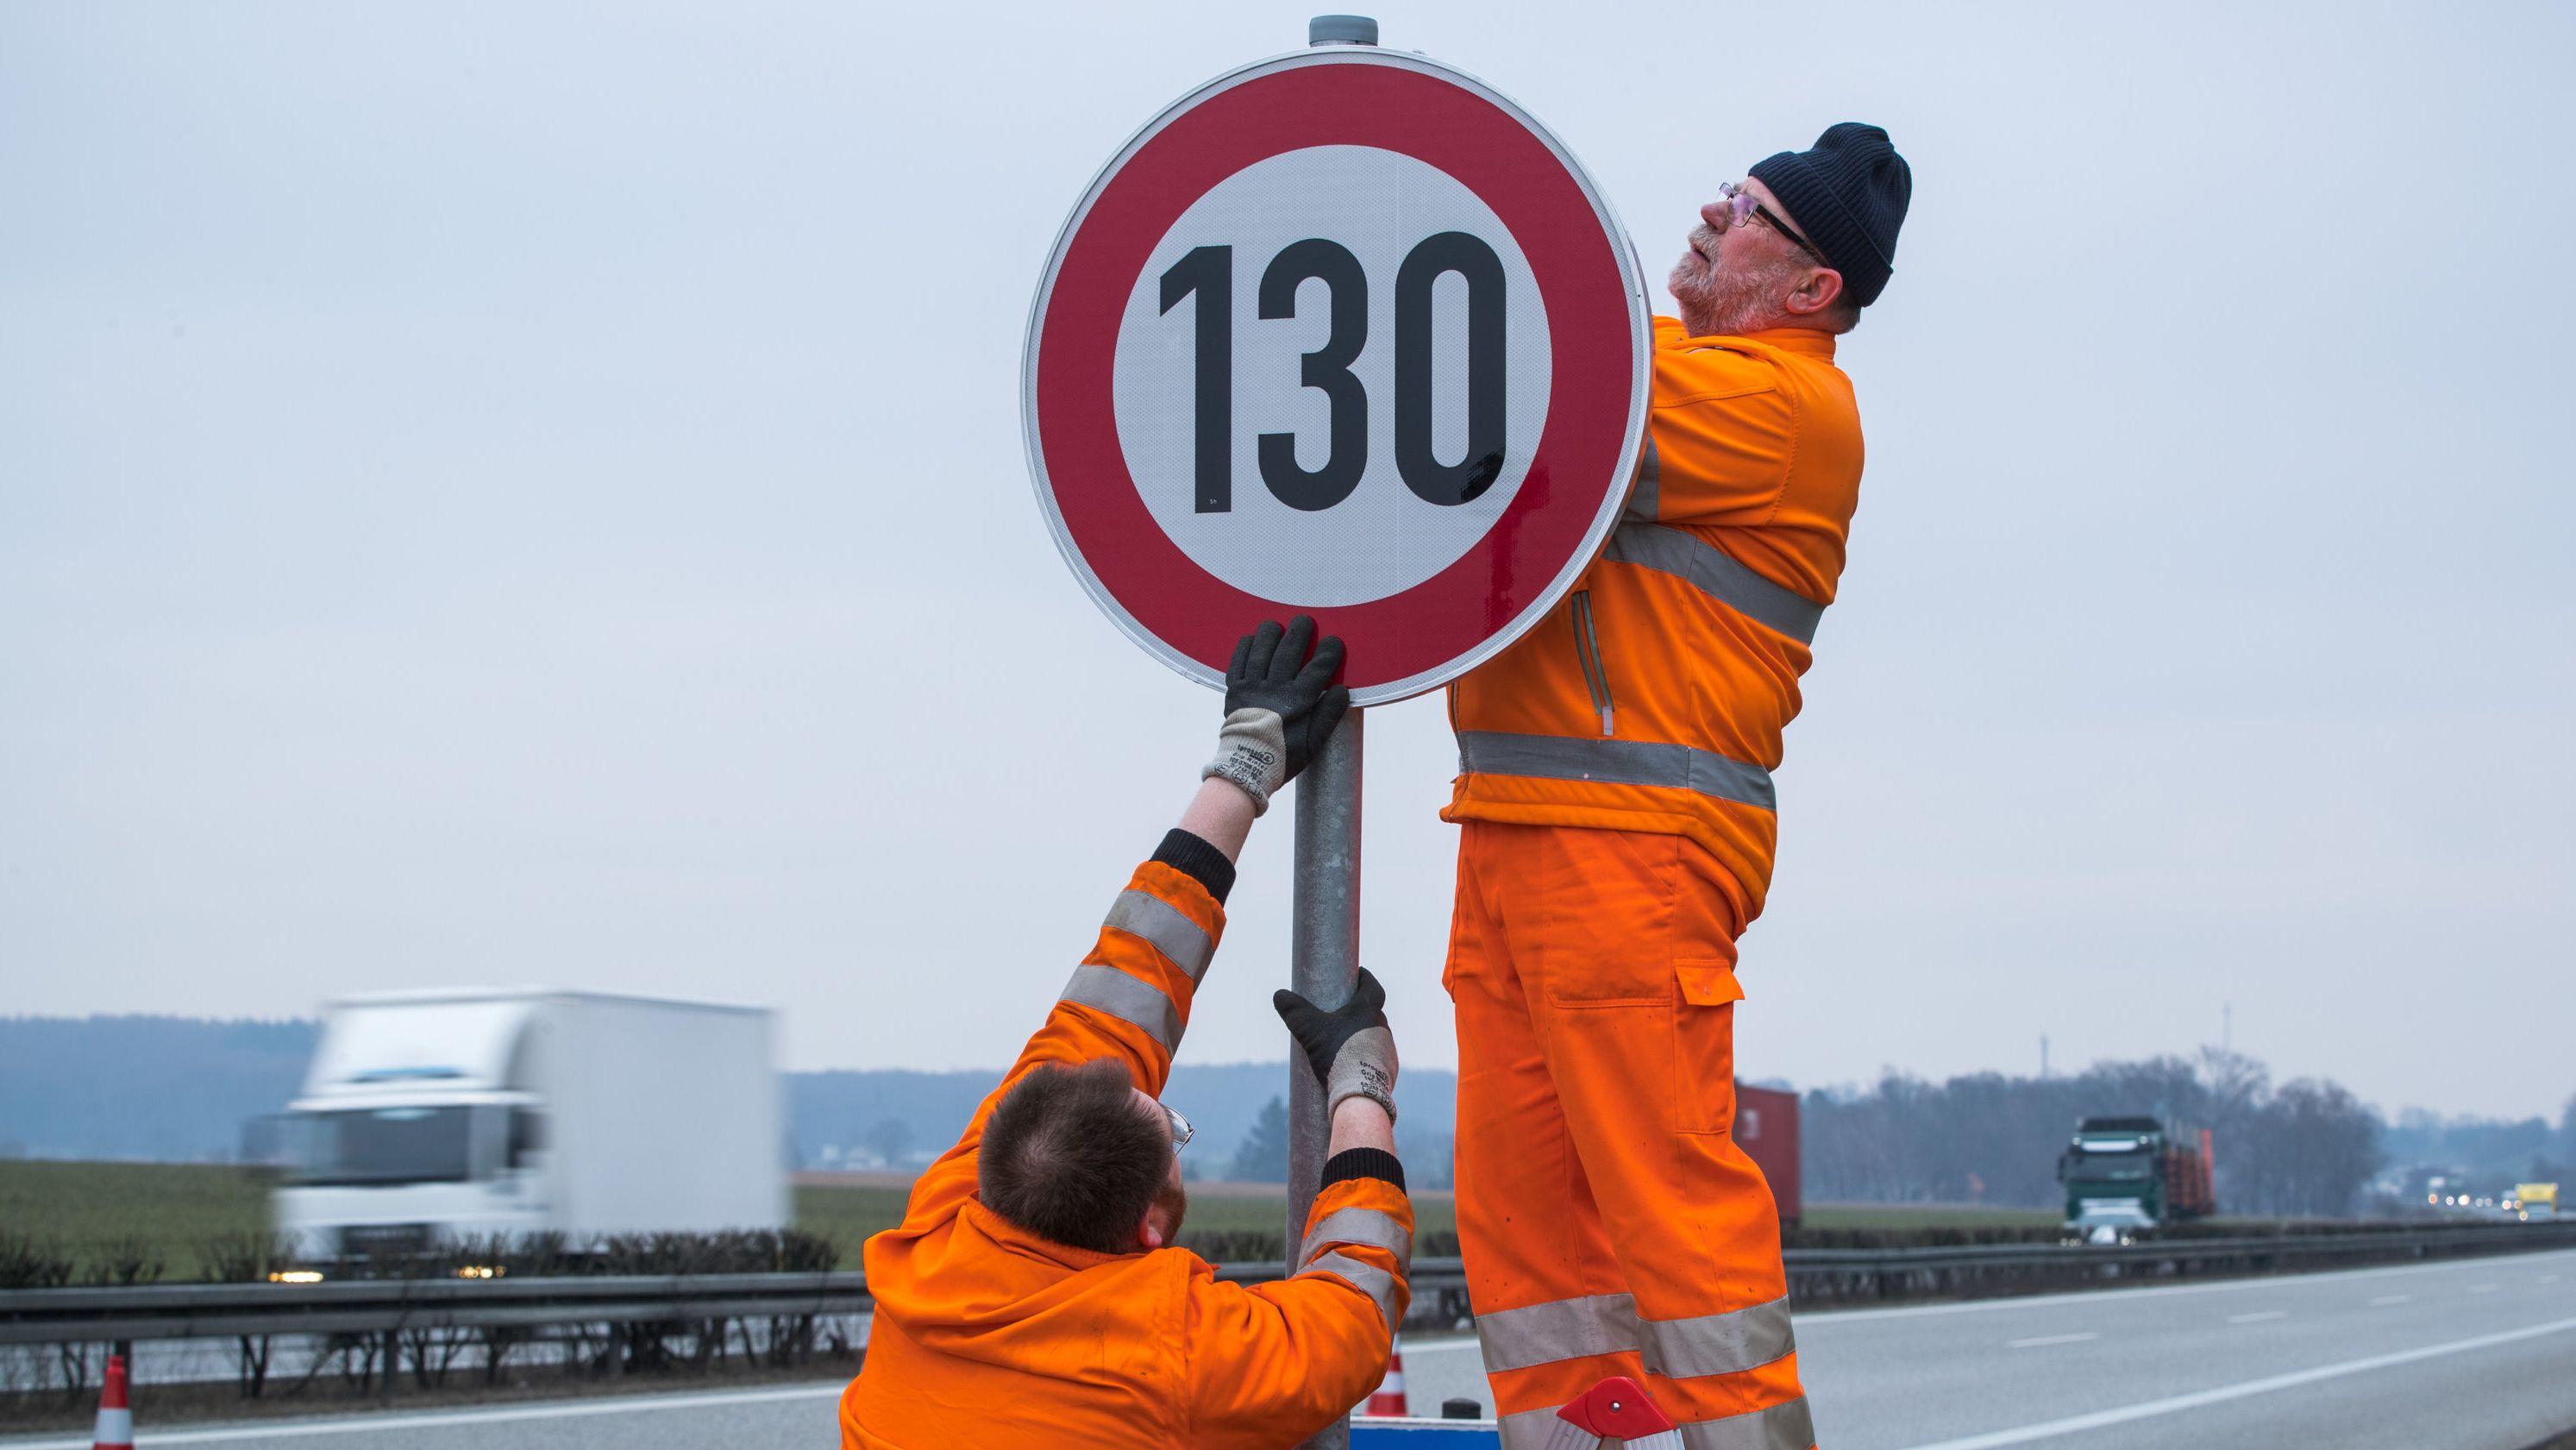 Die Evangelische Kirche Mitteldeutschland und die Grünen fordern erneut ein Tempolimit von 130 Kilometern pro Stunde auf deutschen Autobahnen.